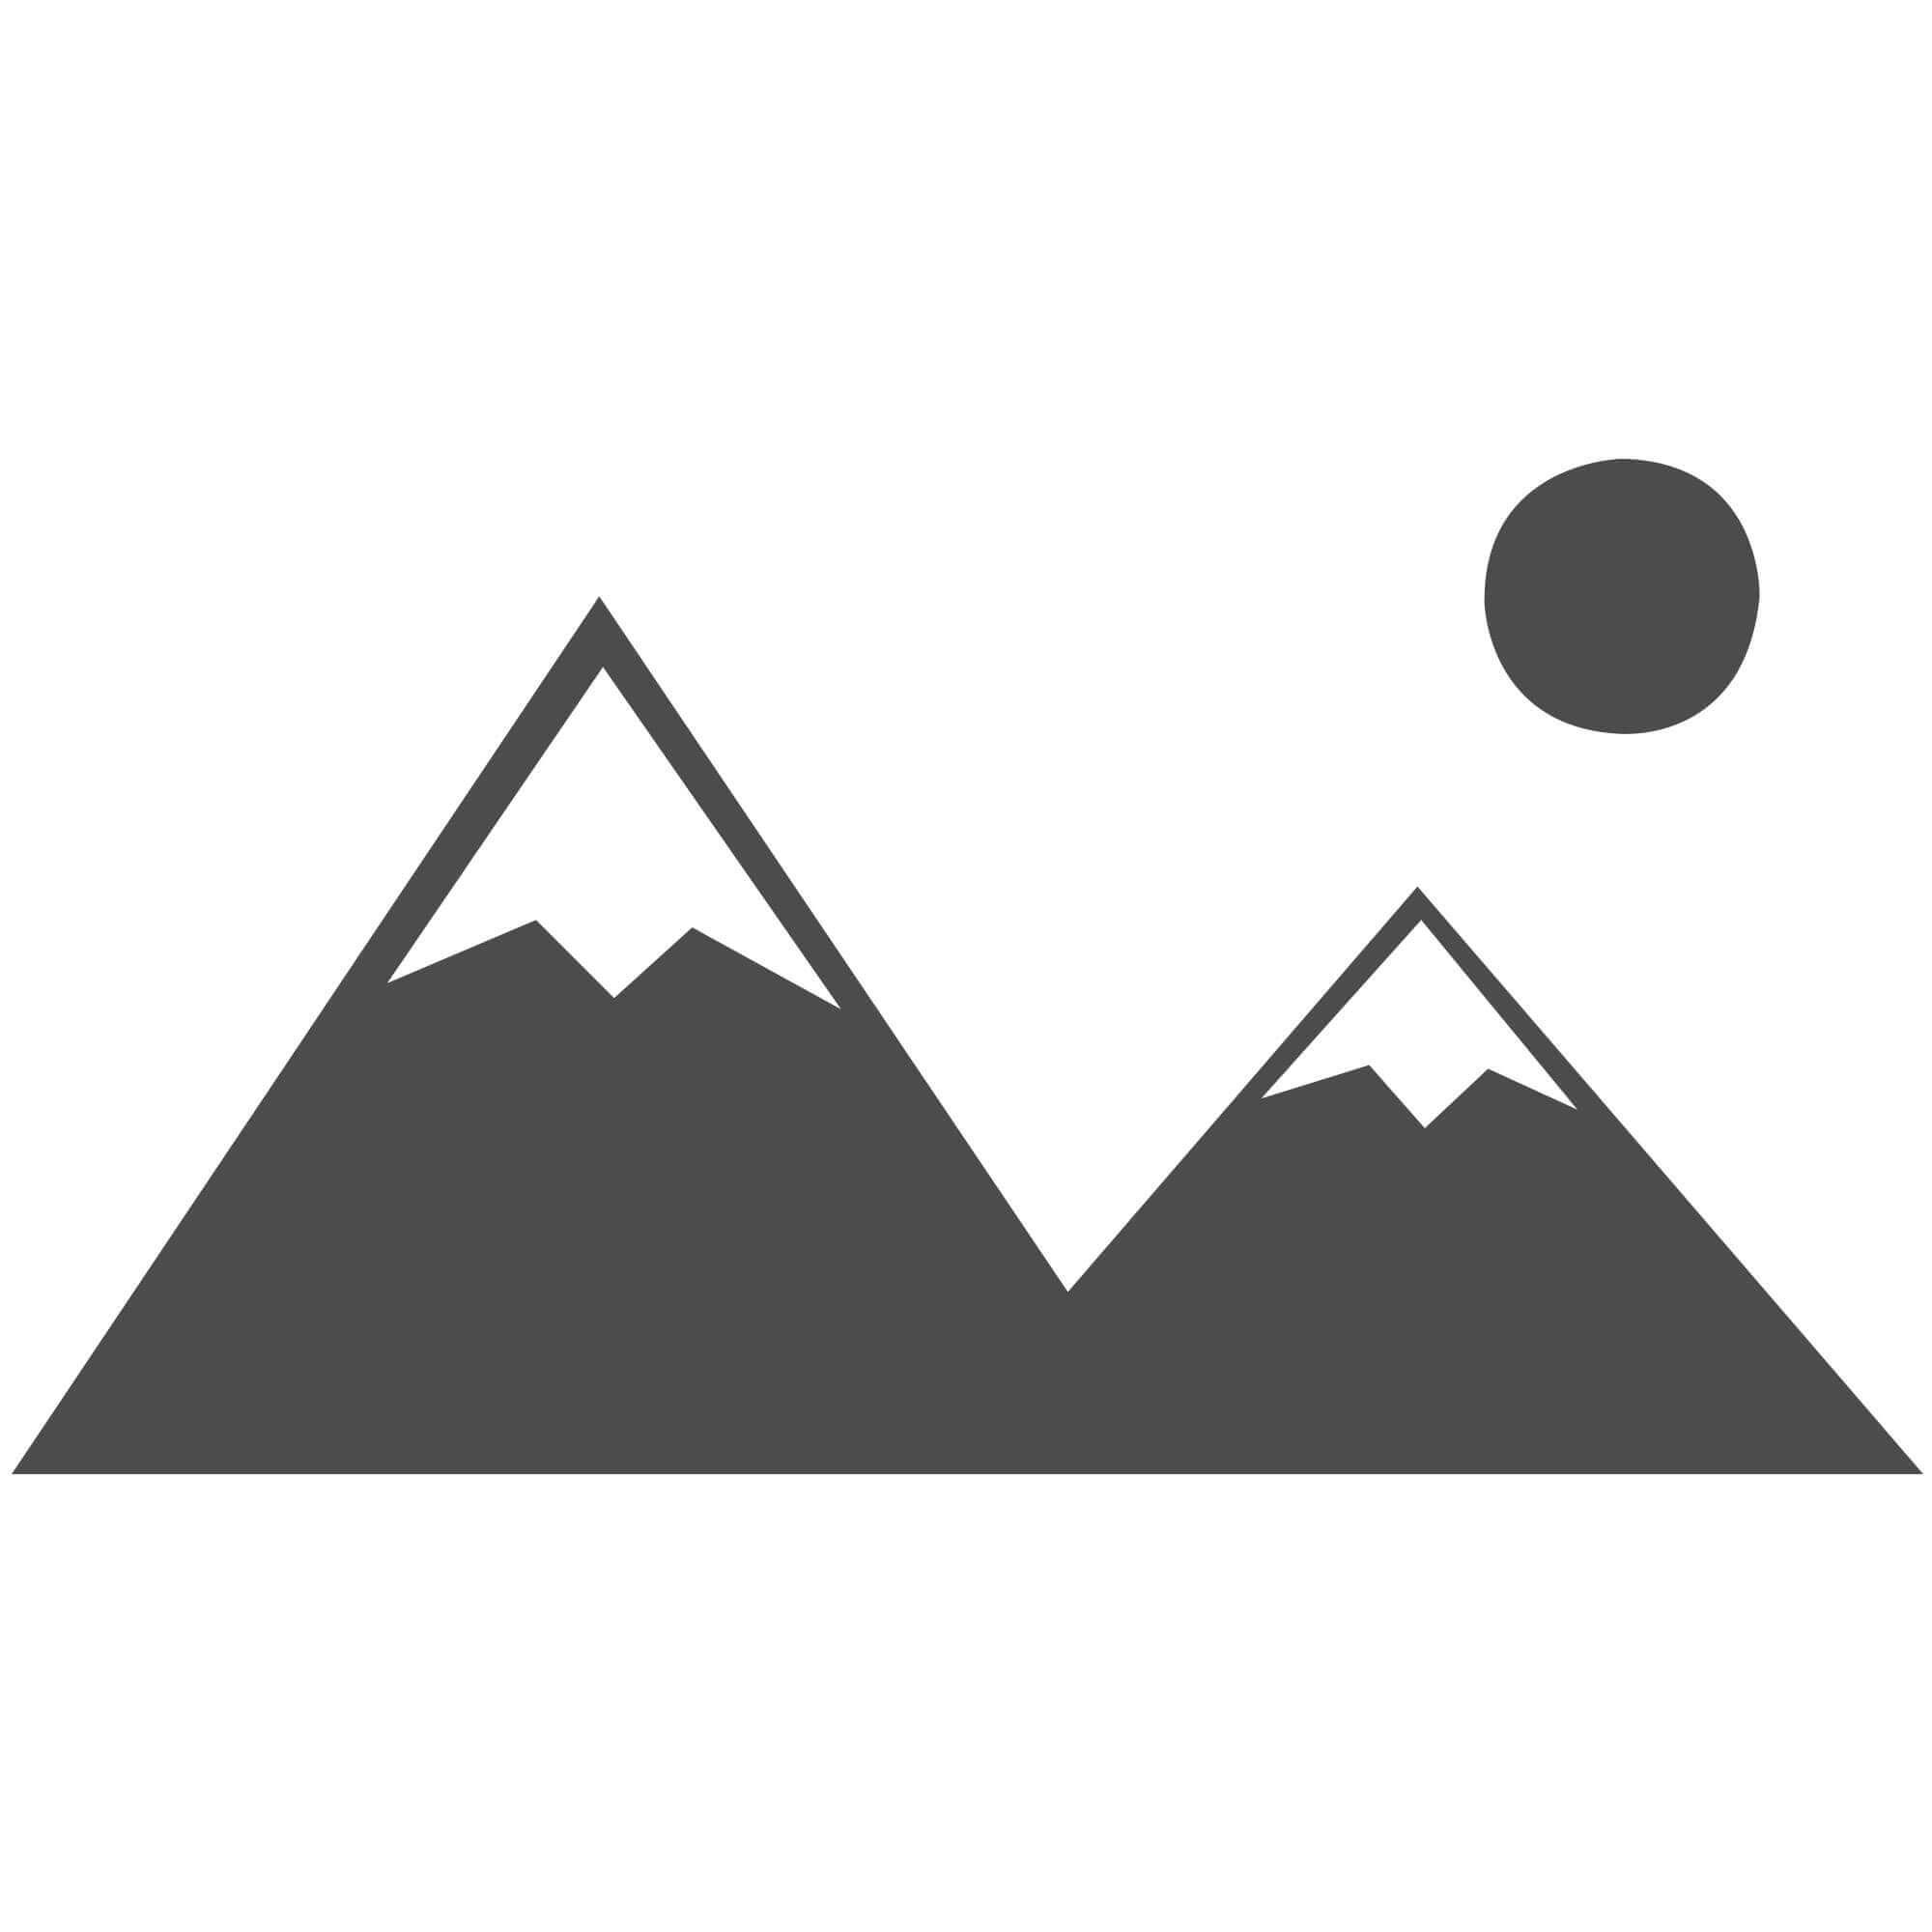 Digital Angle Ruler Ar 360 Baileigh Industrial